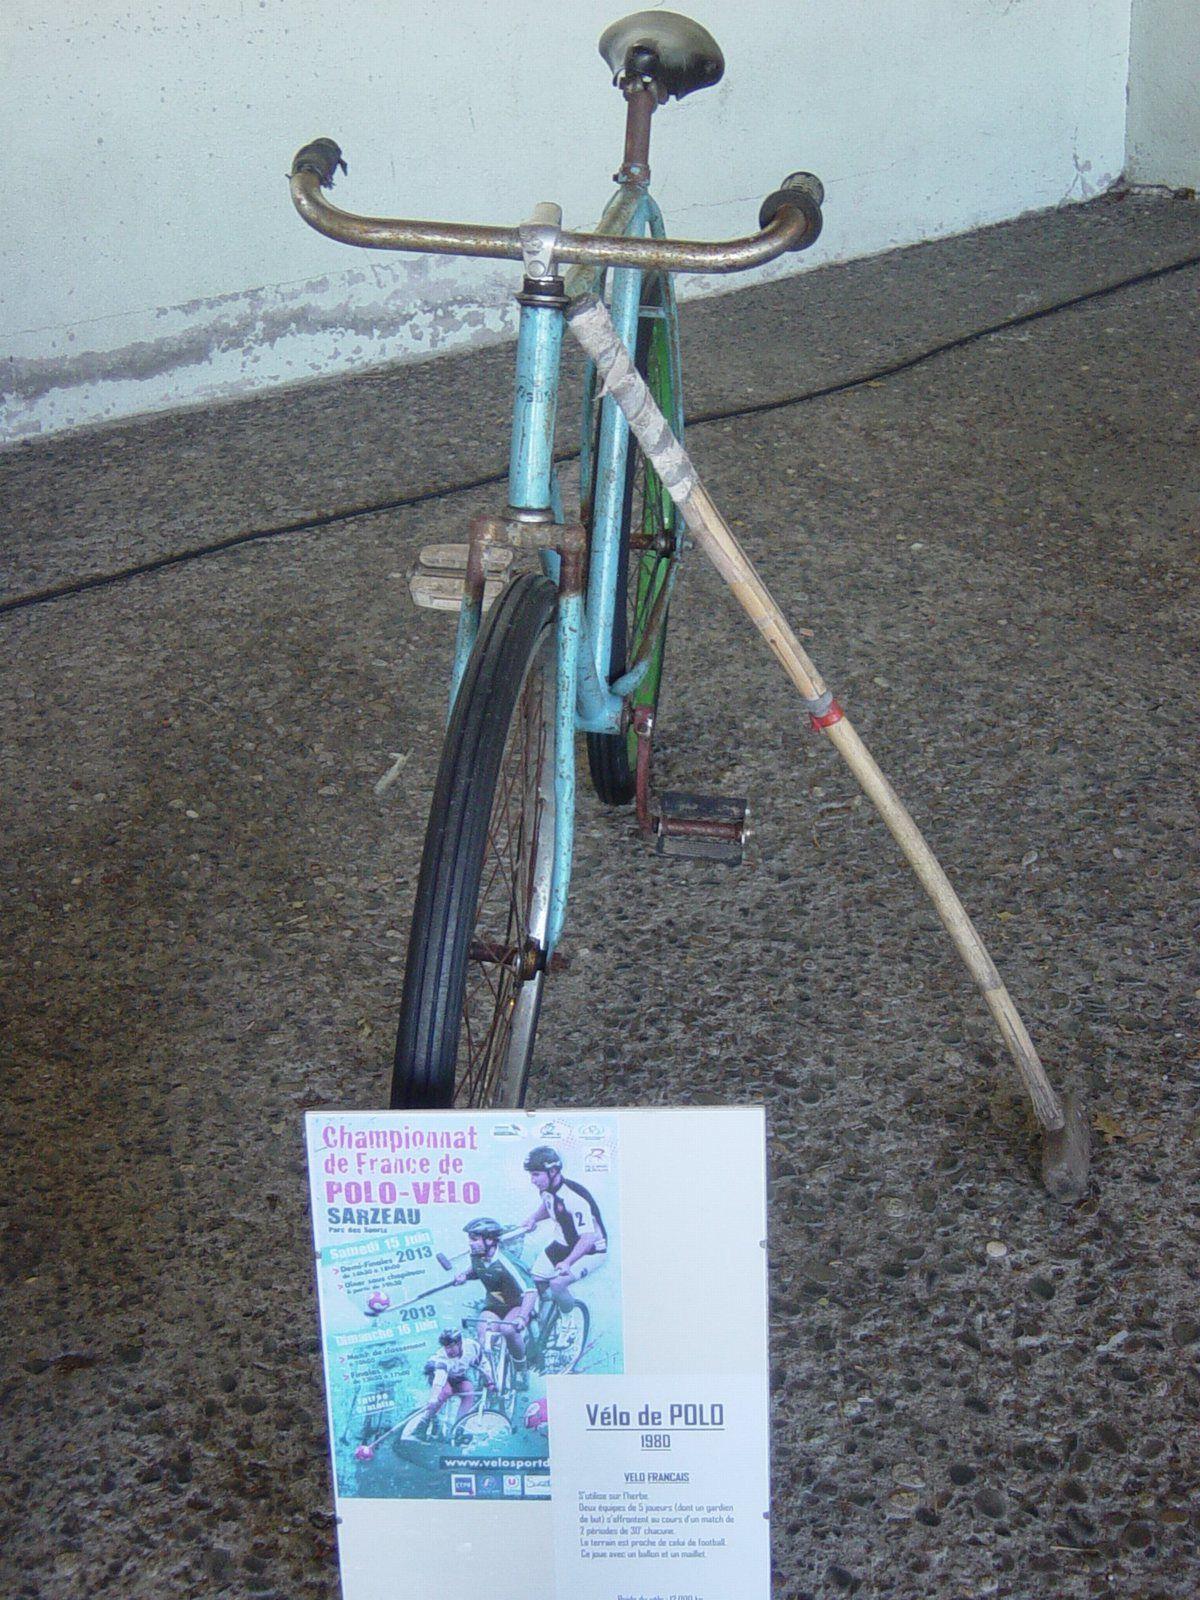 Vélo de polo sur herbe, 1980.